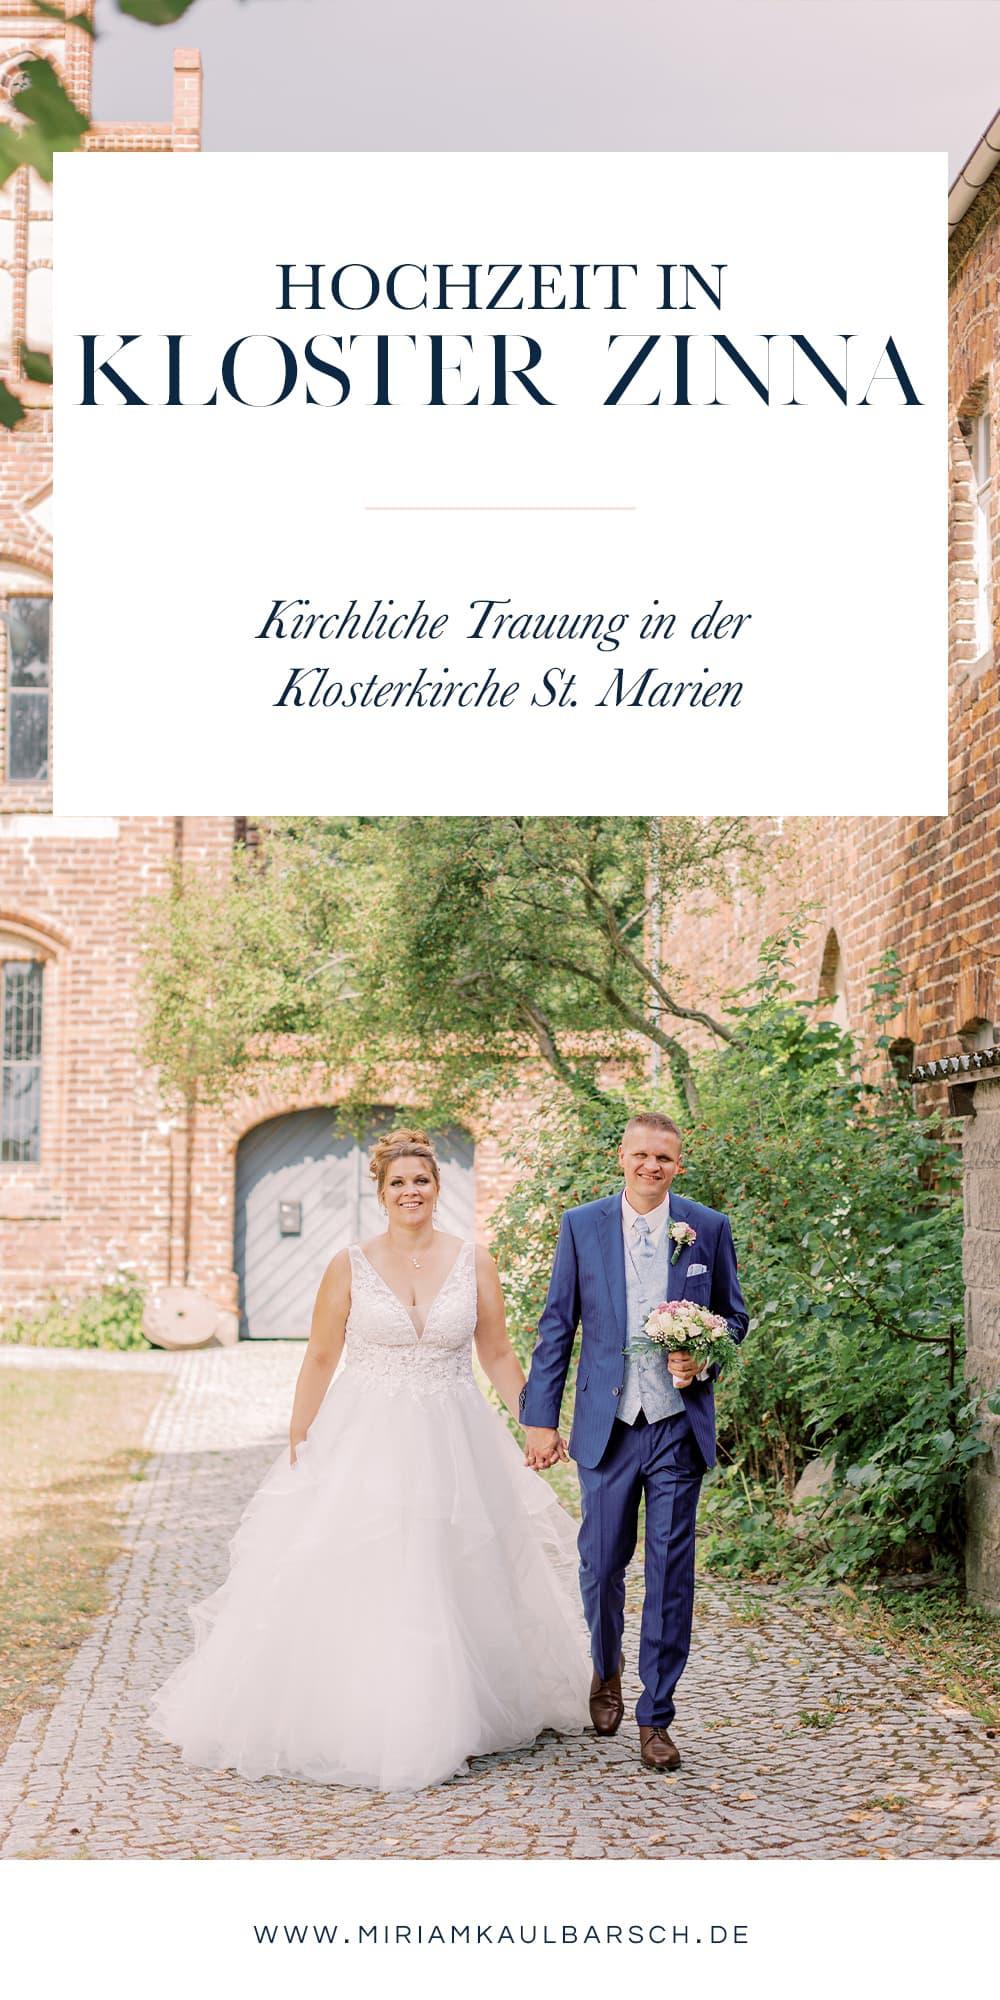 Hochzeit in Kloster Zinna - Trauung in der Klosterkirche St. Marien und Feier in der Alten Försterei